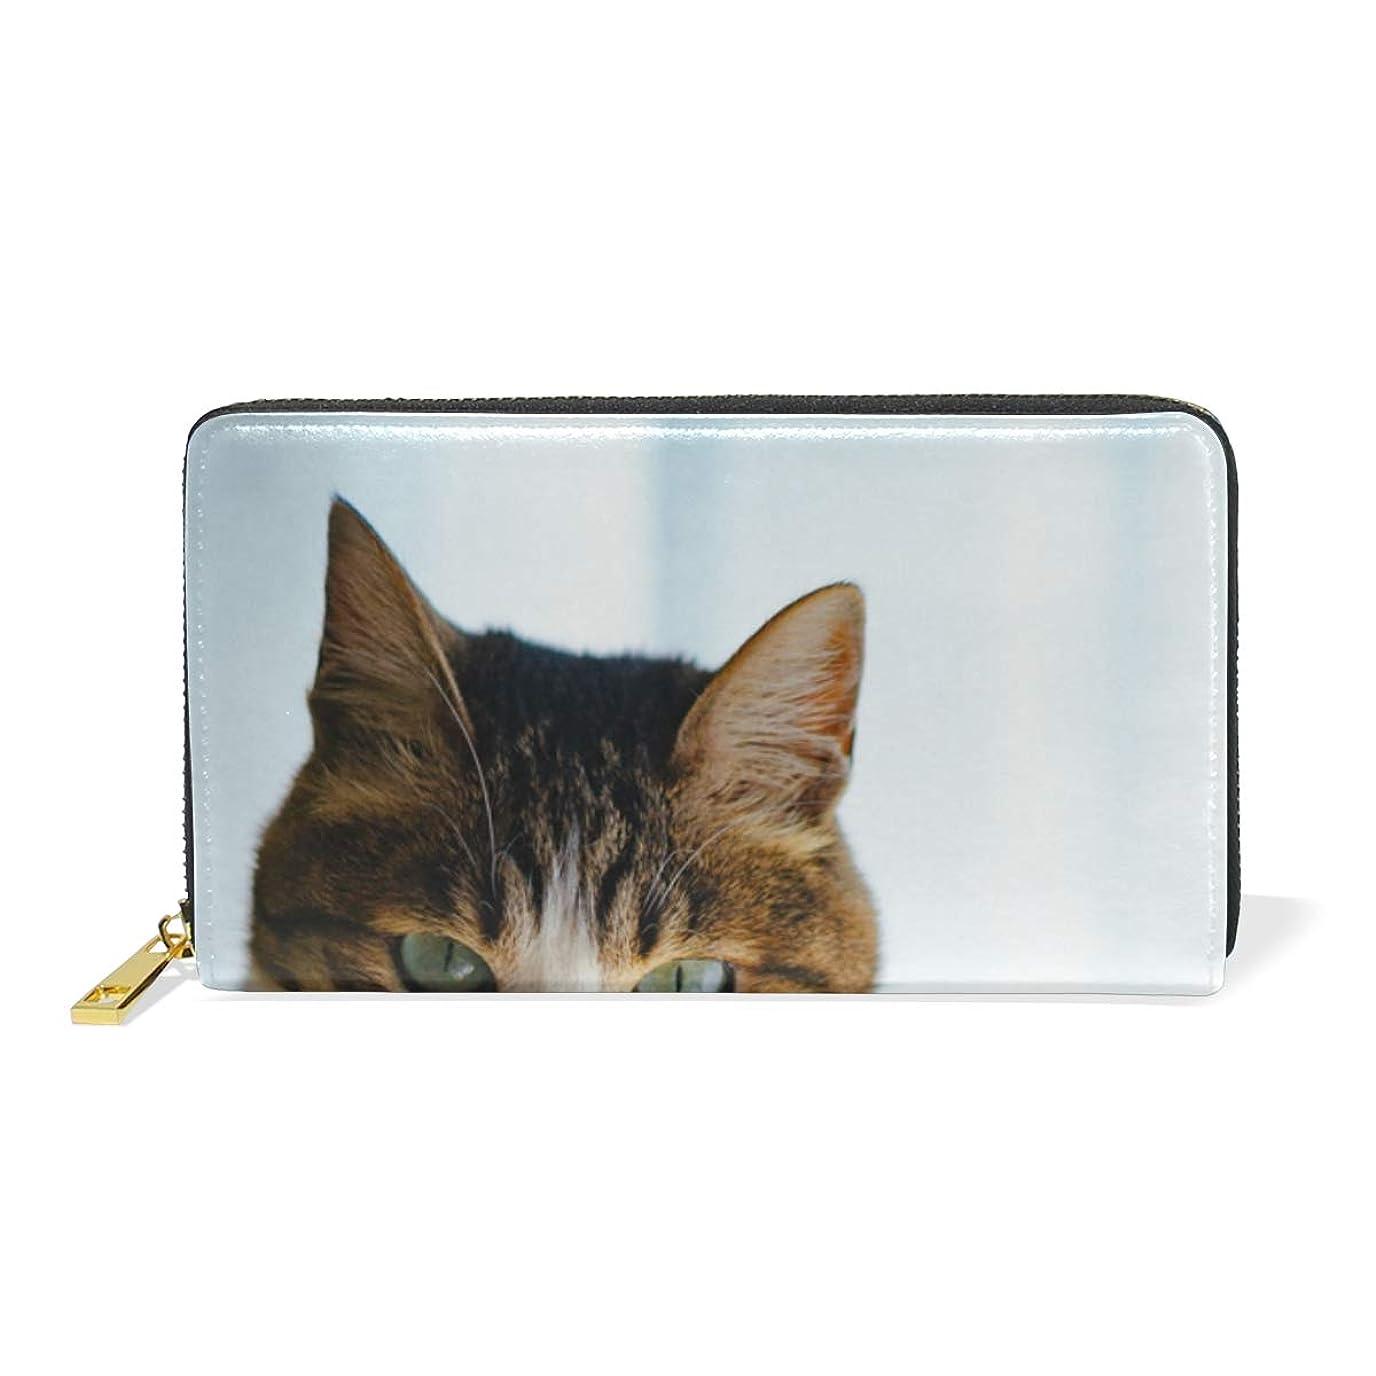 一般的に言えば床を掃除するピストンAyuStyle 長財布 メンズ レディース 財布 二つ折り 猫の怒り 個性的 PUレザー 小銭入れ お札入れ カード入れ 大容量 多機能 レディース メンズ 男女兼用